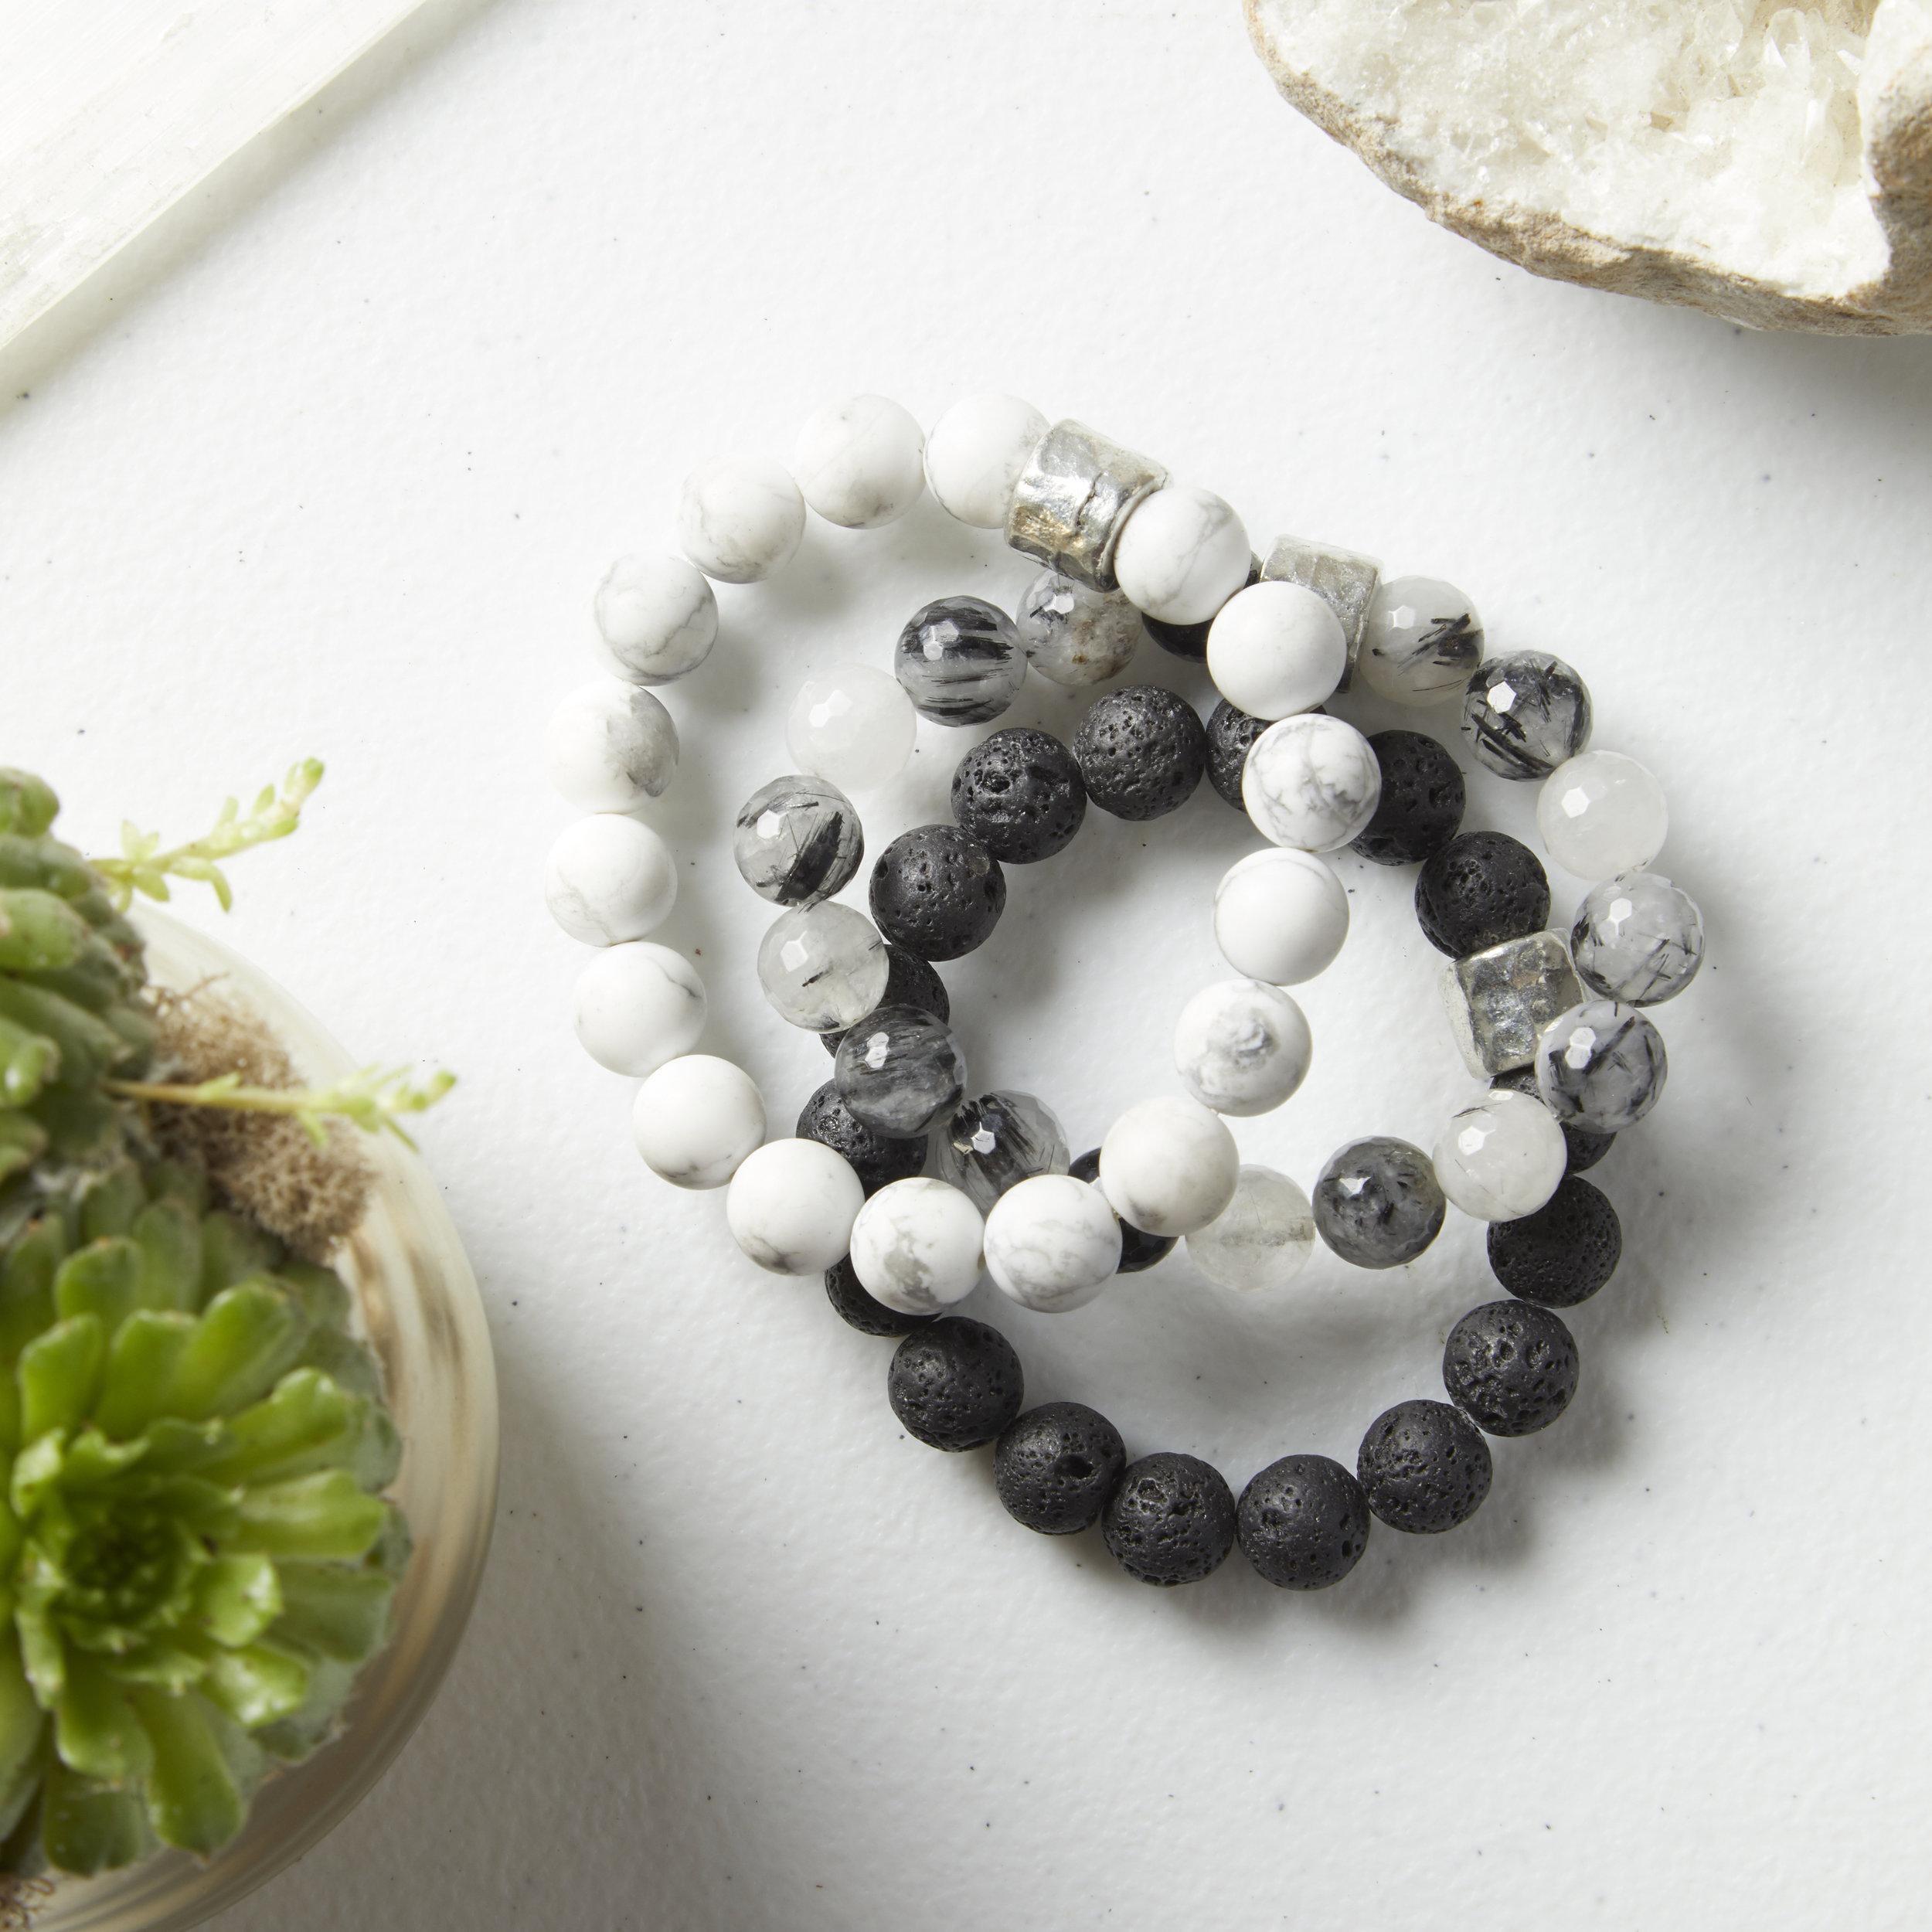 Jewelry_6773 (1).jpg